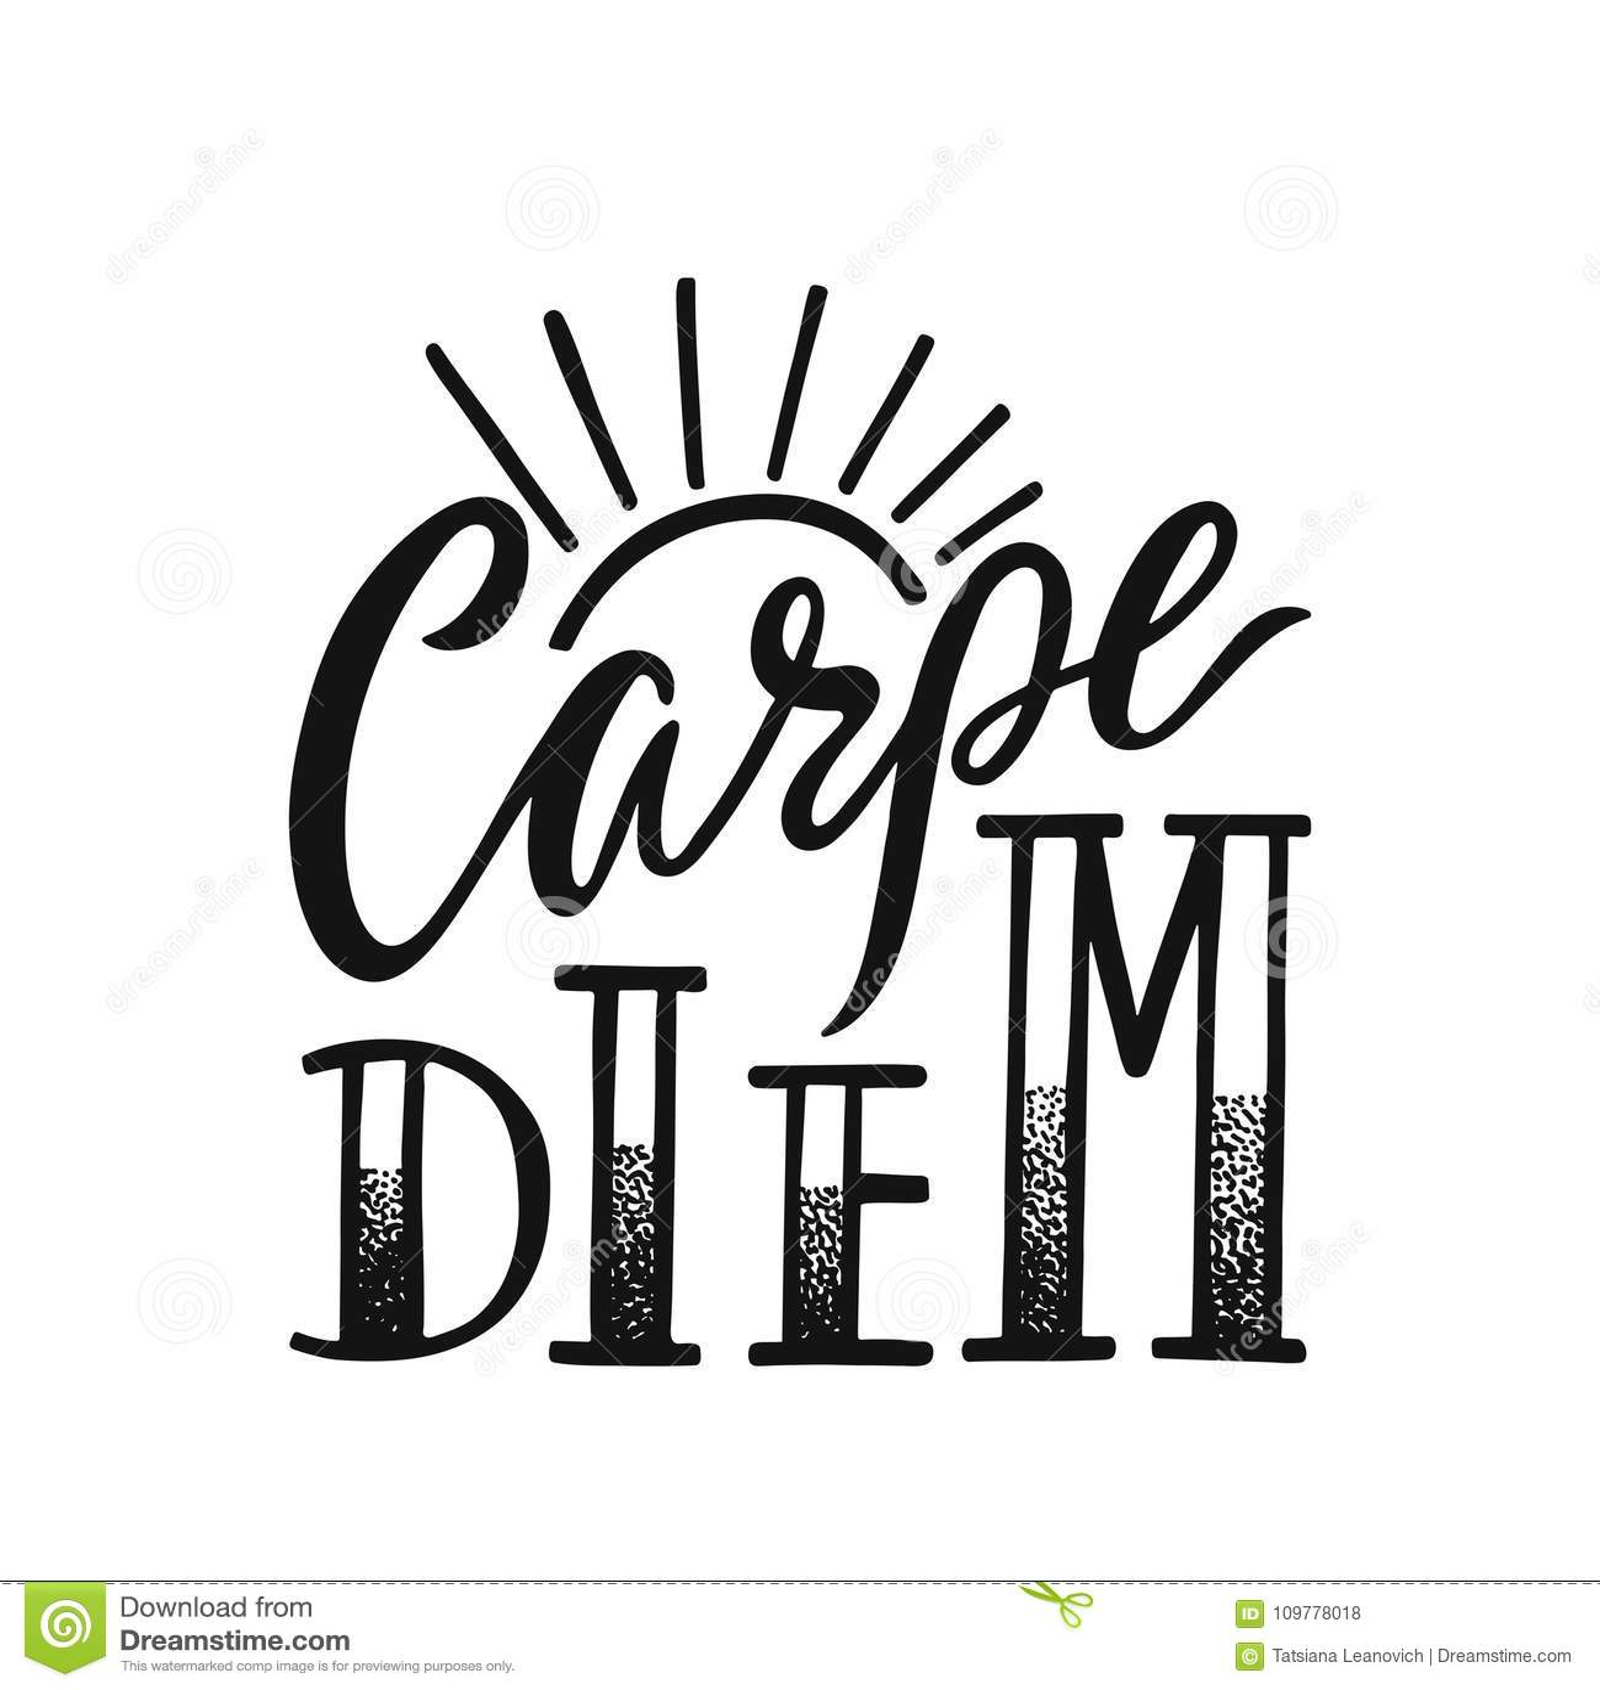 36dc82d9a19c Carpe diem - τα λατινικά μέσα φράσης αδράχνουν την ημέρα Συρμένο χέρι  εμπνευσμένο διανυσματικό απόσπασμα για